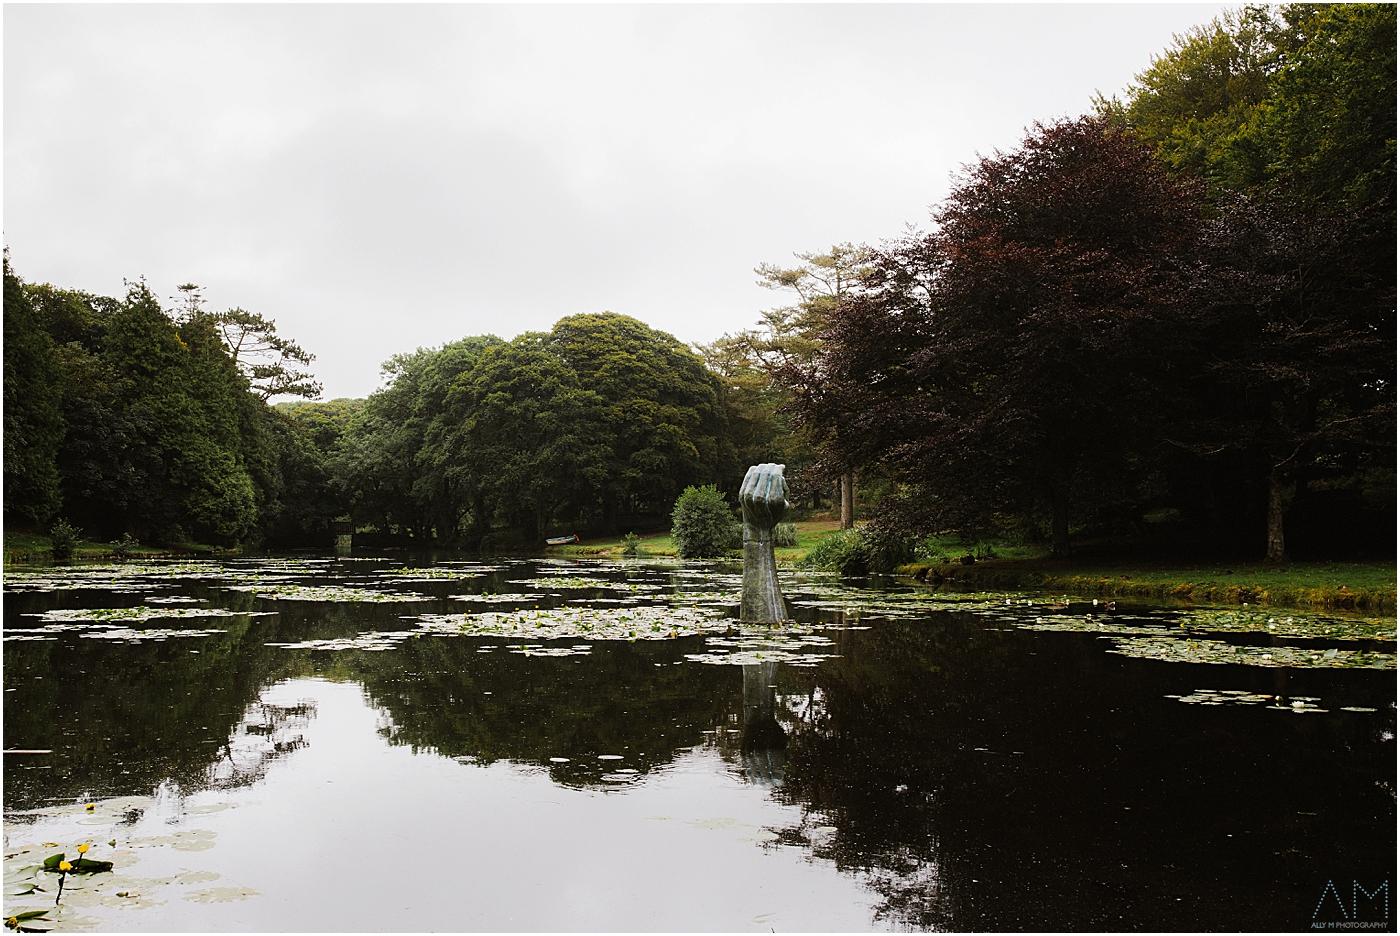 Carreglwyd lake